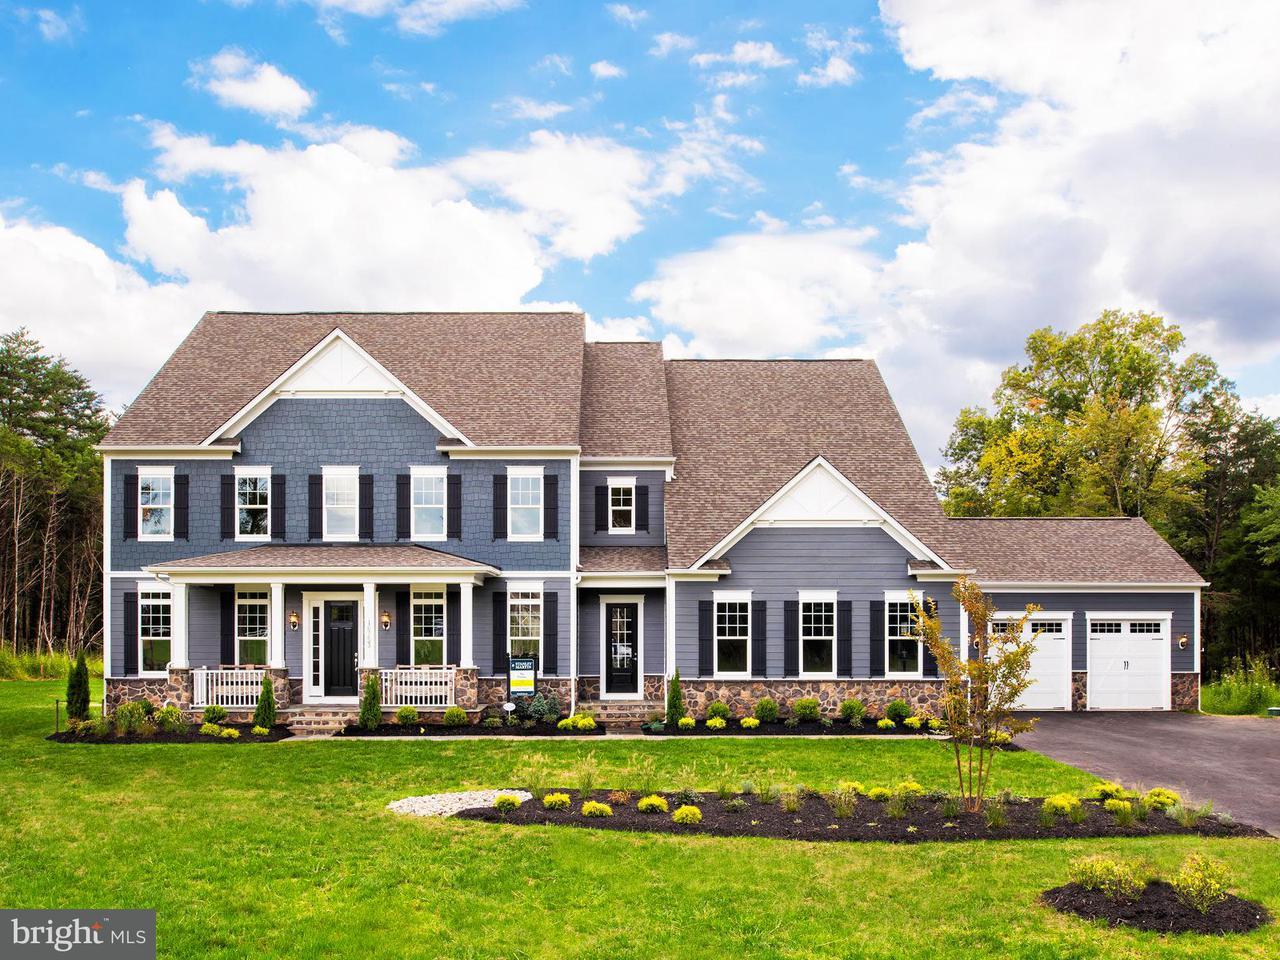 단독 가정 주택 용 매매 에 16753 Lord Sudley Drive 16753 Lord Sudley Drive Centreville, 버지니아 20120 미국